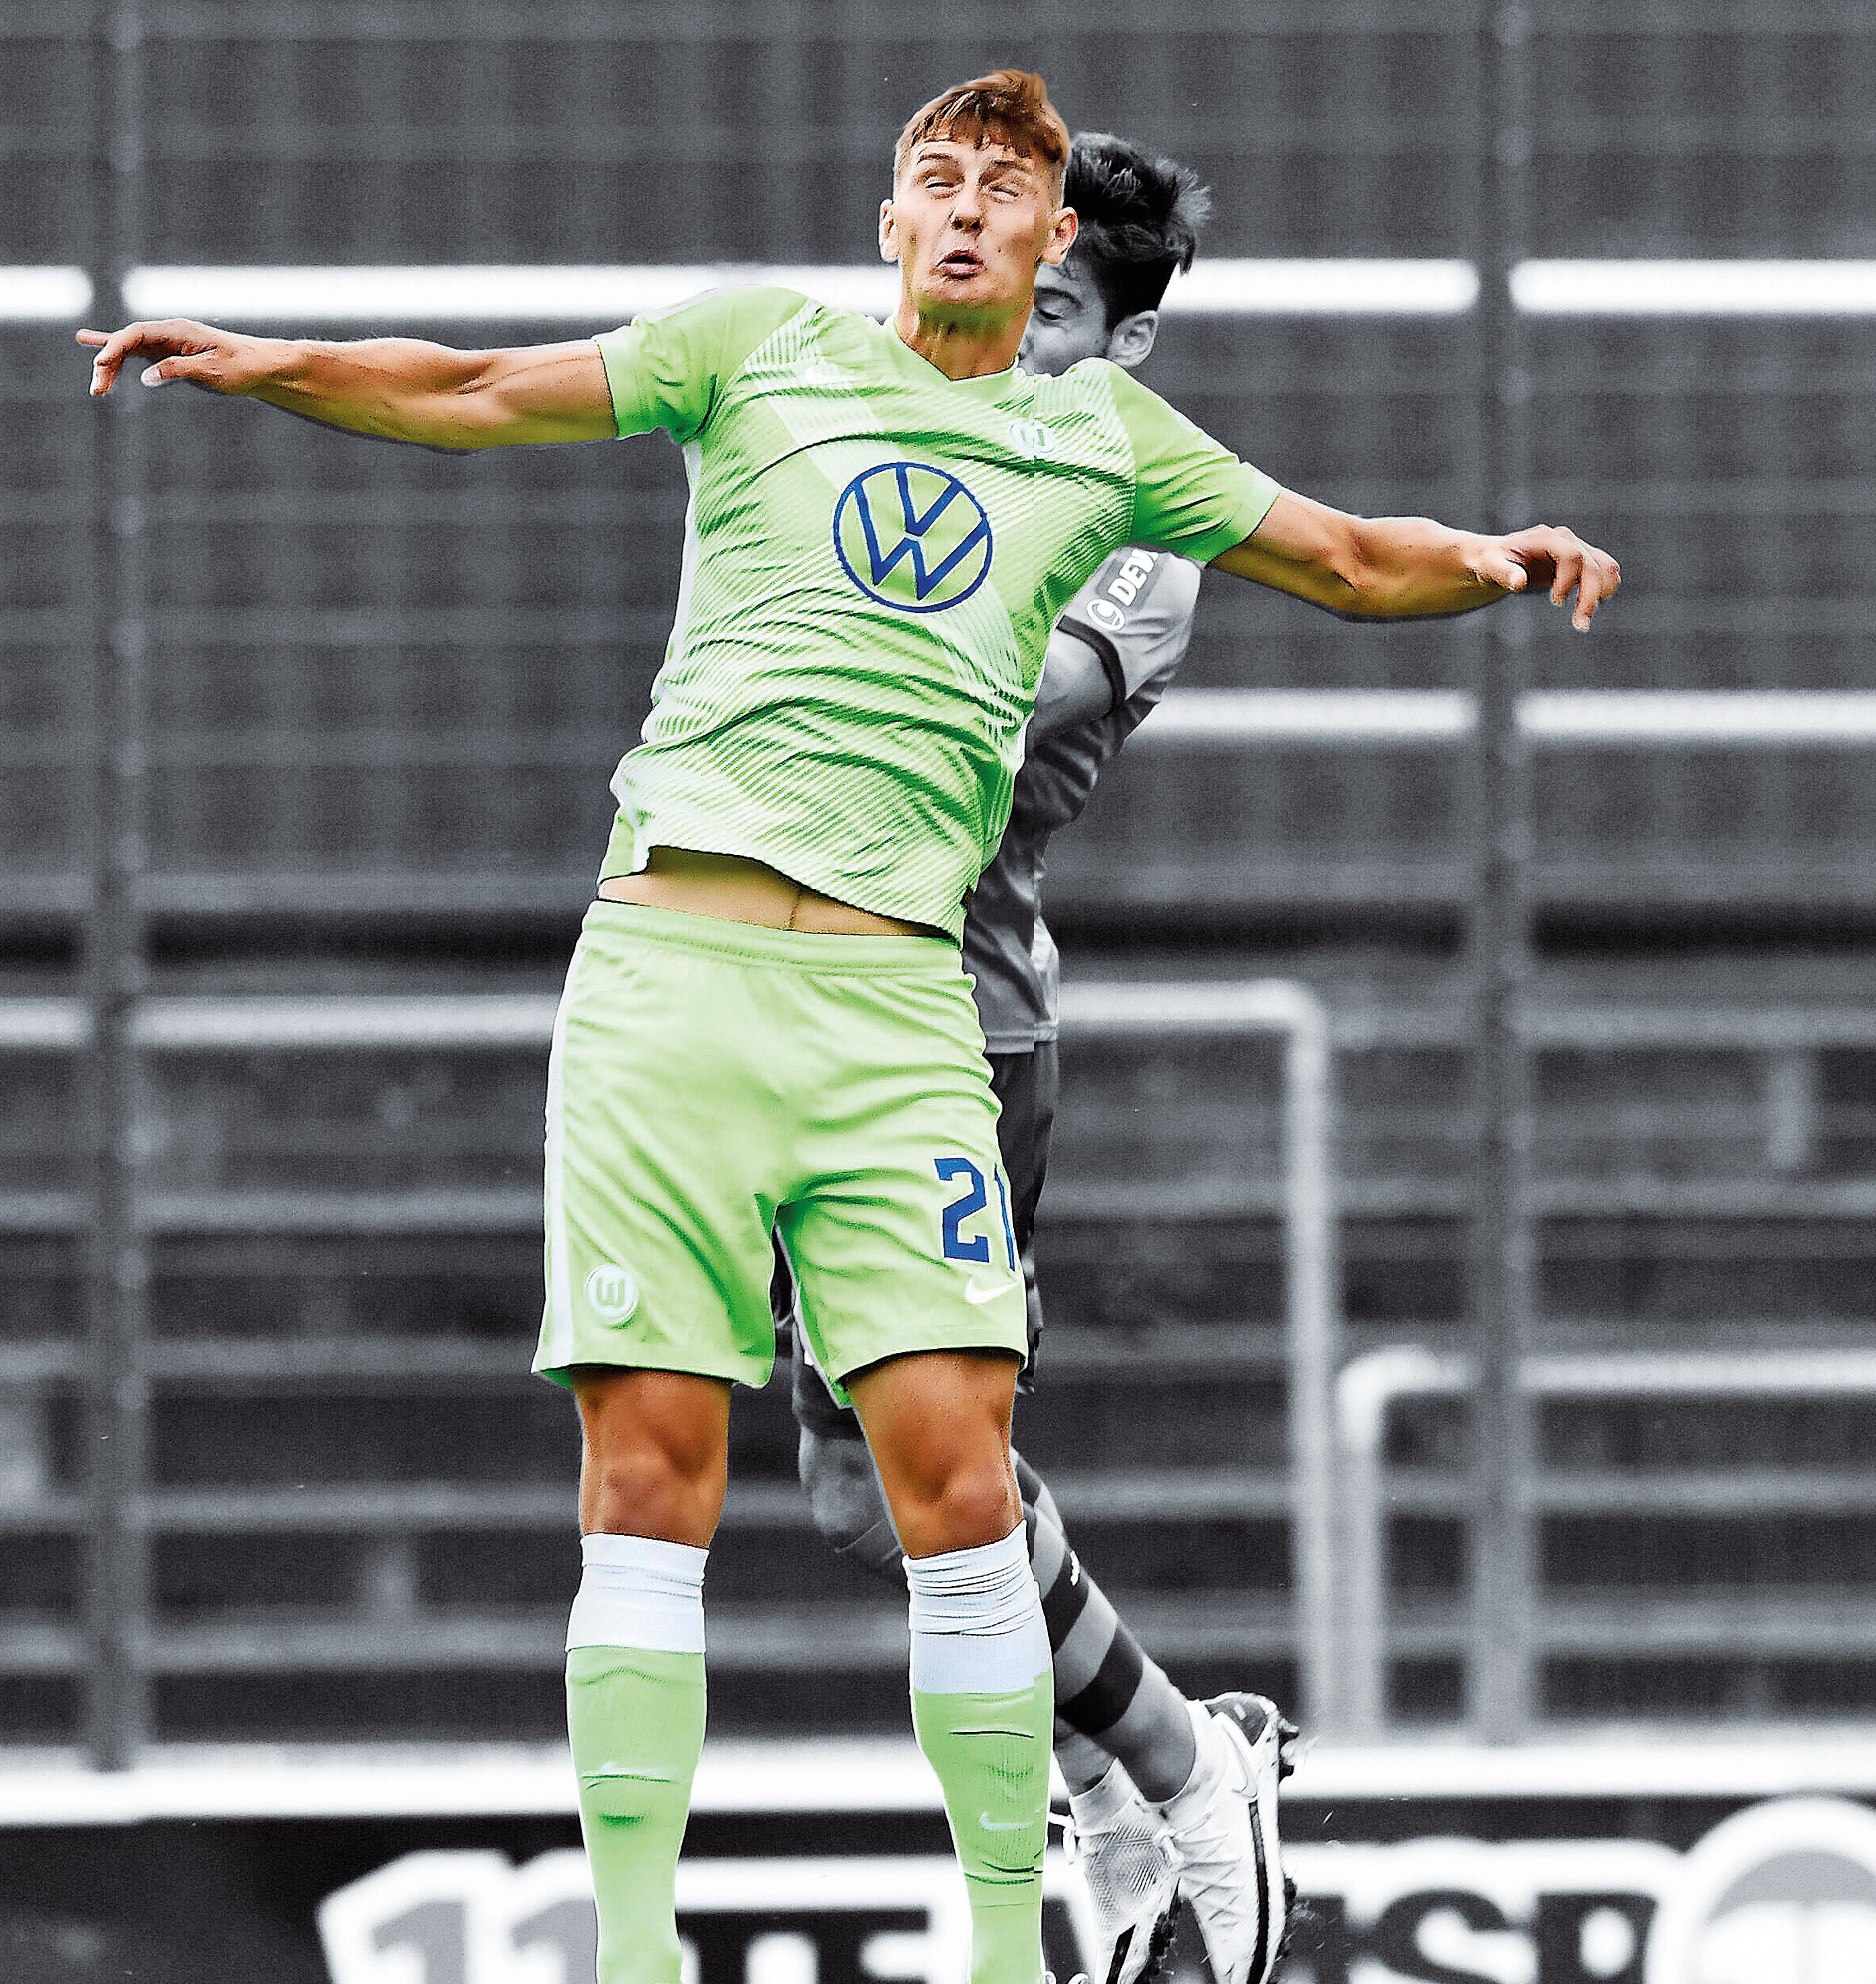 Ein Talent für den Angriff: Bartosz Bialek war der erste Neuzugang für die neue Saison, der 18-Jährige kam für rund 5 Millionen Euro vom polnischen Erstligisten Zaglebie Lubin.